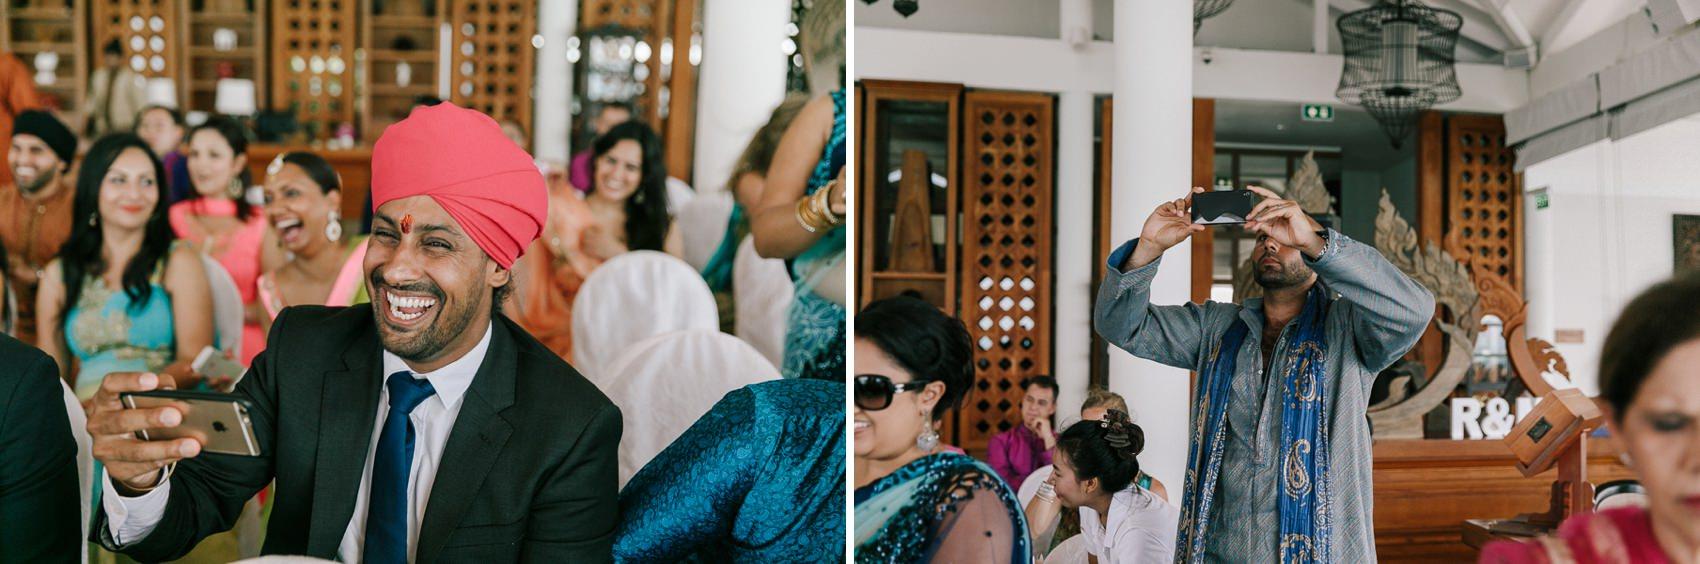 Indian-Wedding-Photography-Maala-Rohan_0231